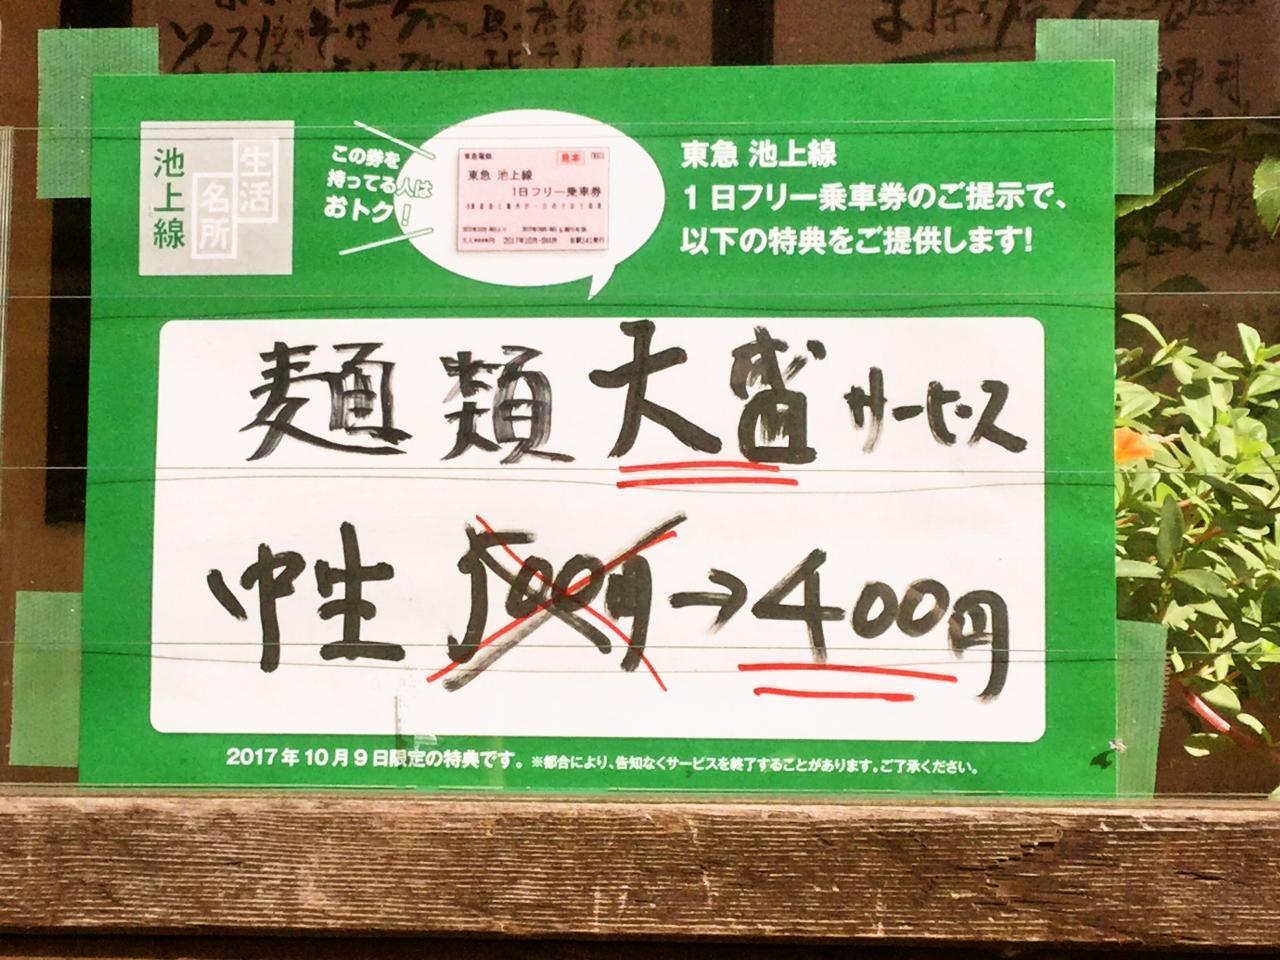 元祖 満腹ラーメン 富田屋(東急)